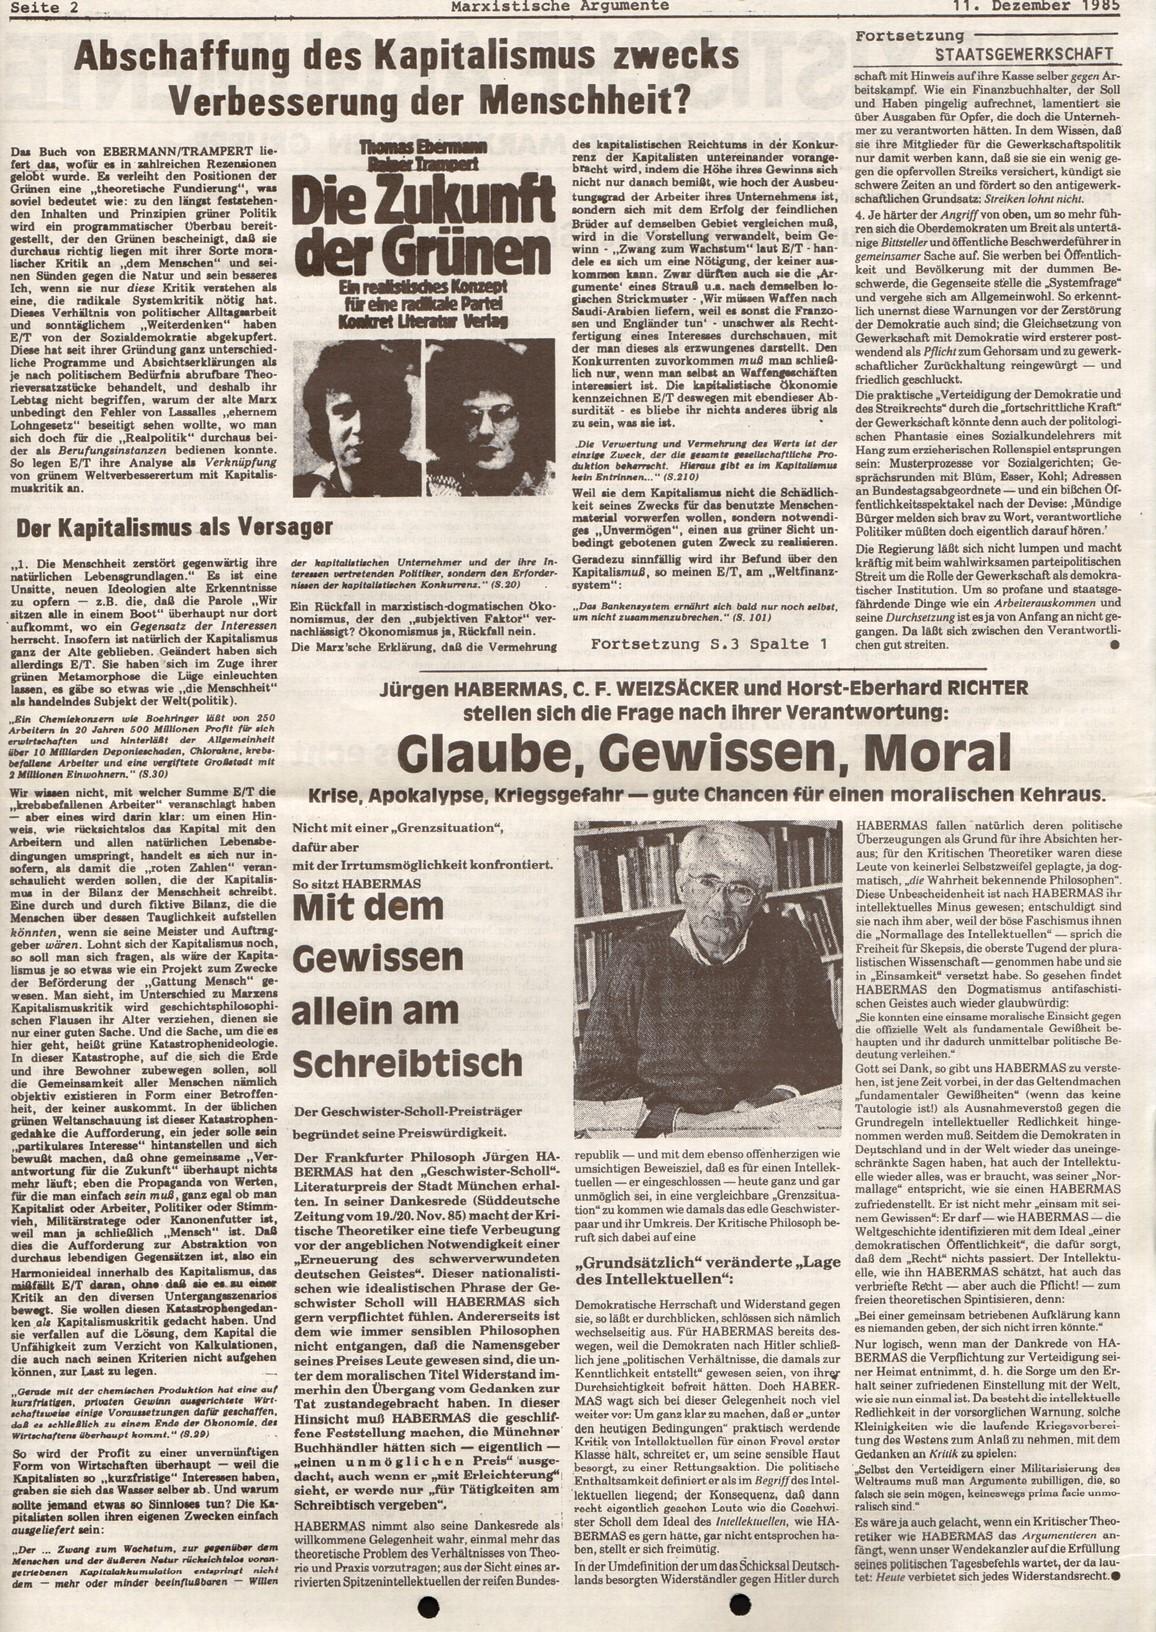 Berlin_MG_Symp_Argumente_19851211_02